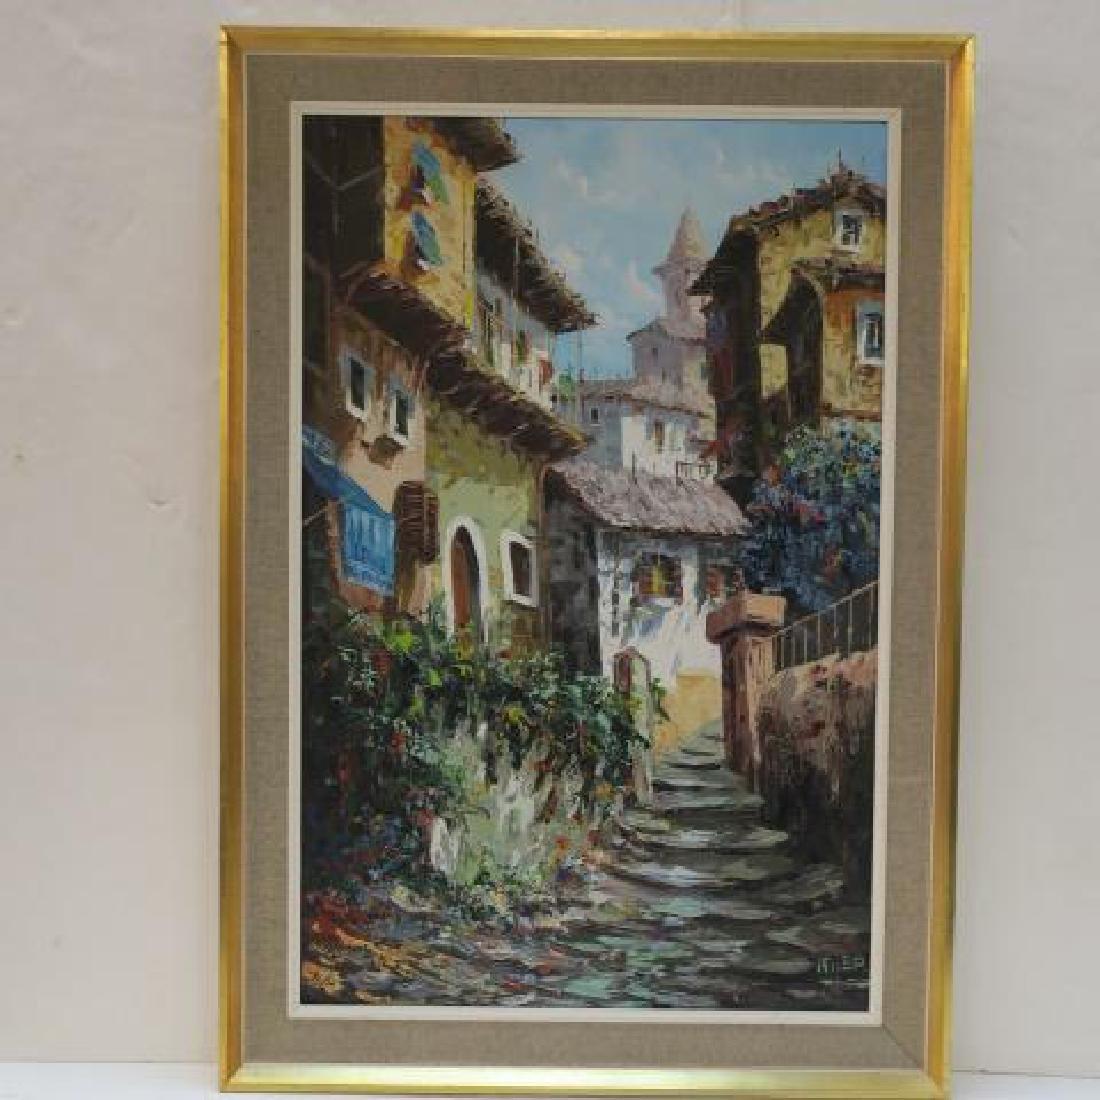 Village Landscape Oil on Canvas Signed ELLER: